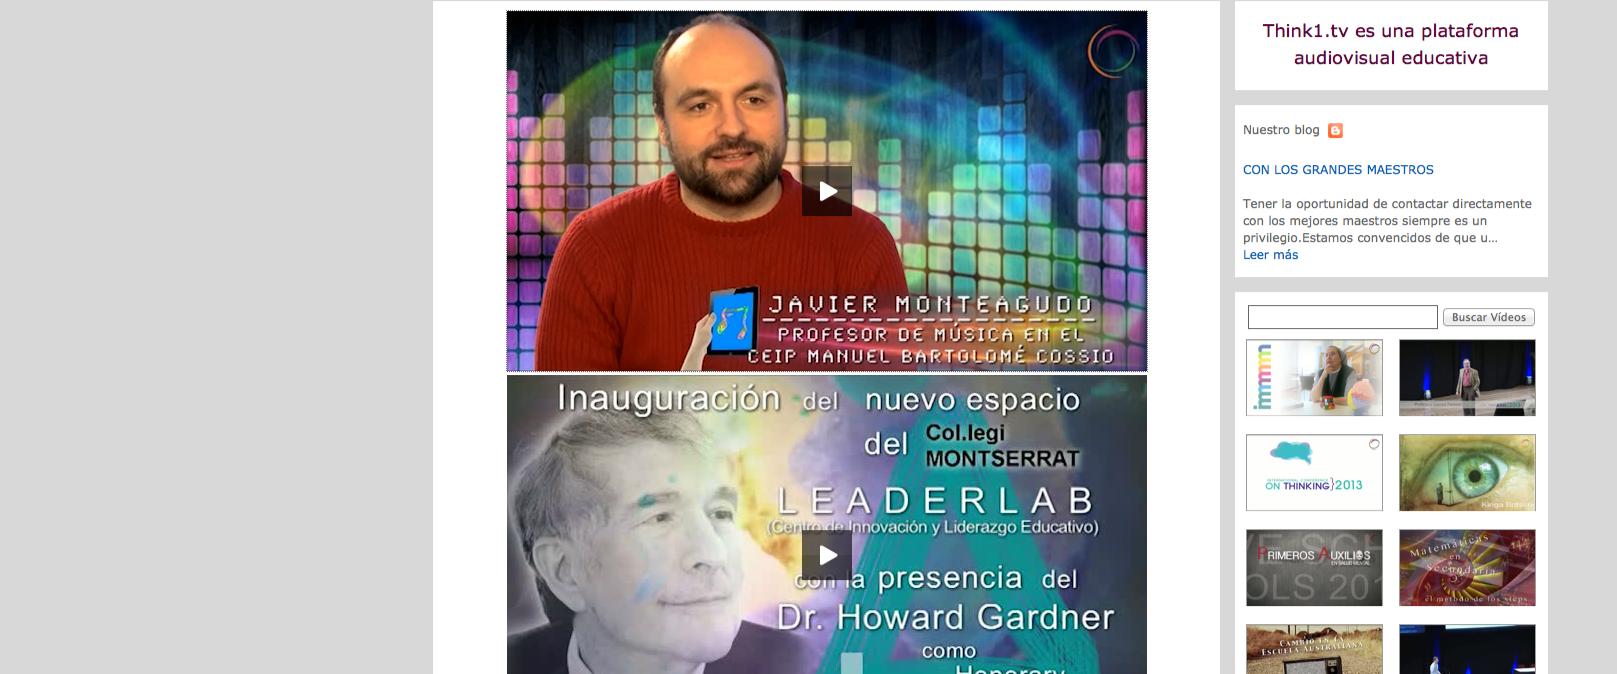 Entrevista en Think1 TV- Colegio Montserrat